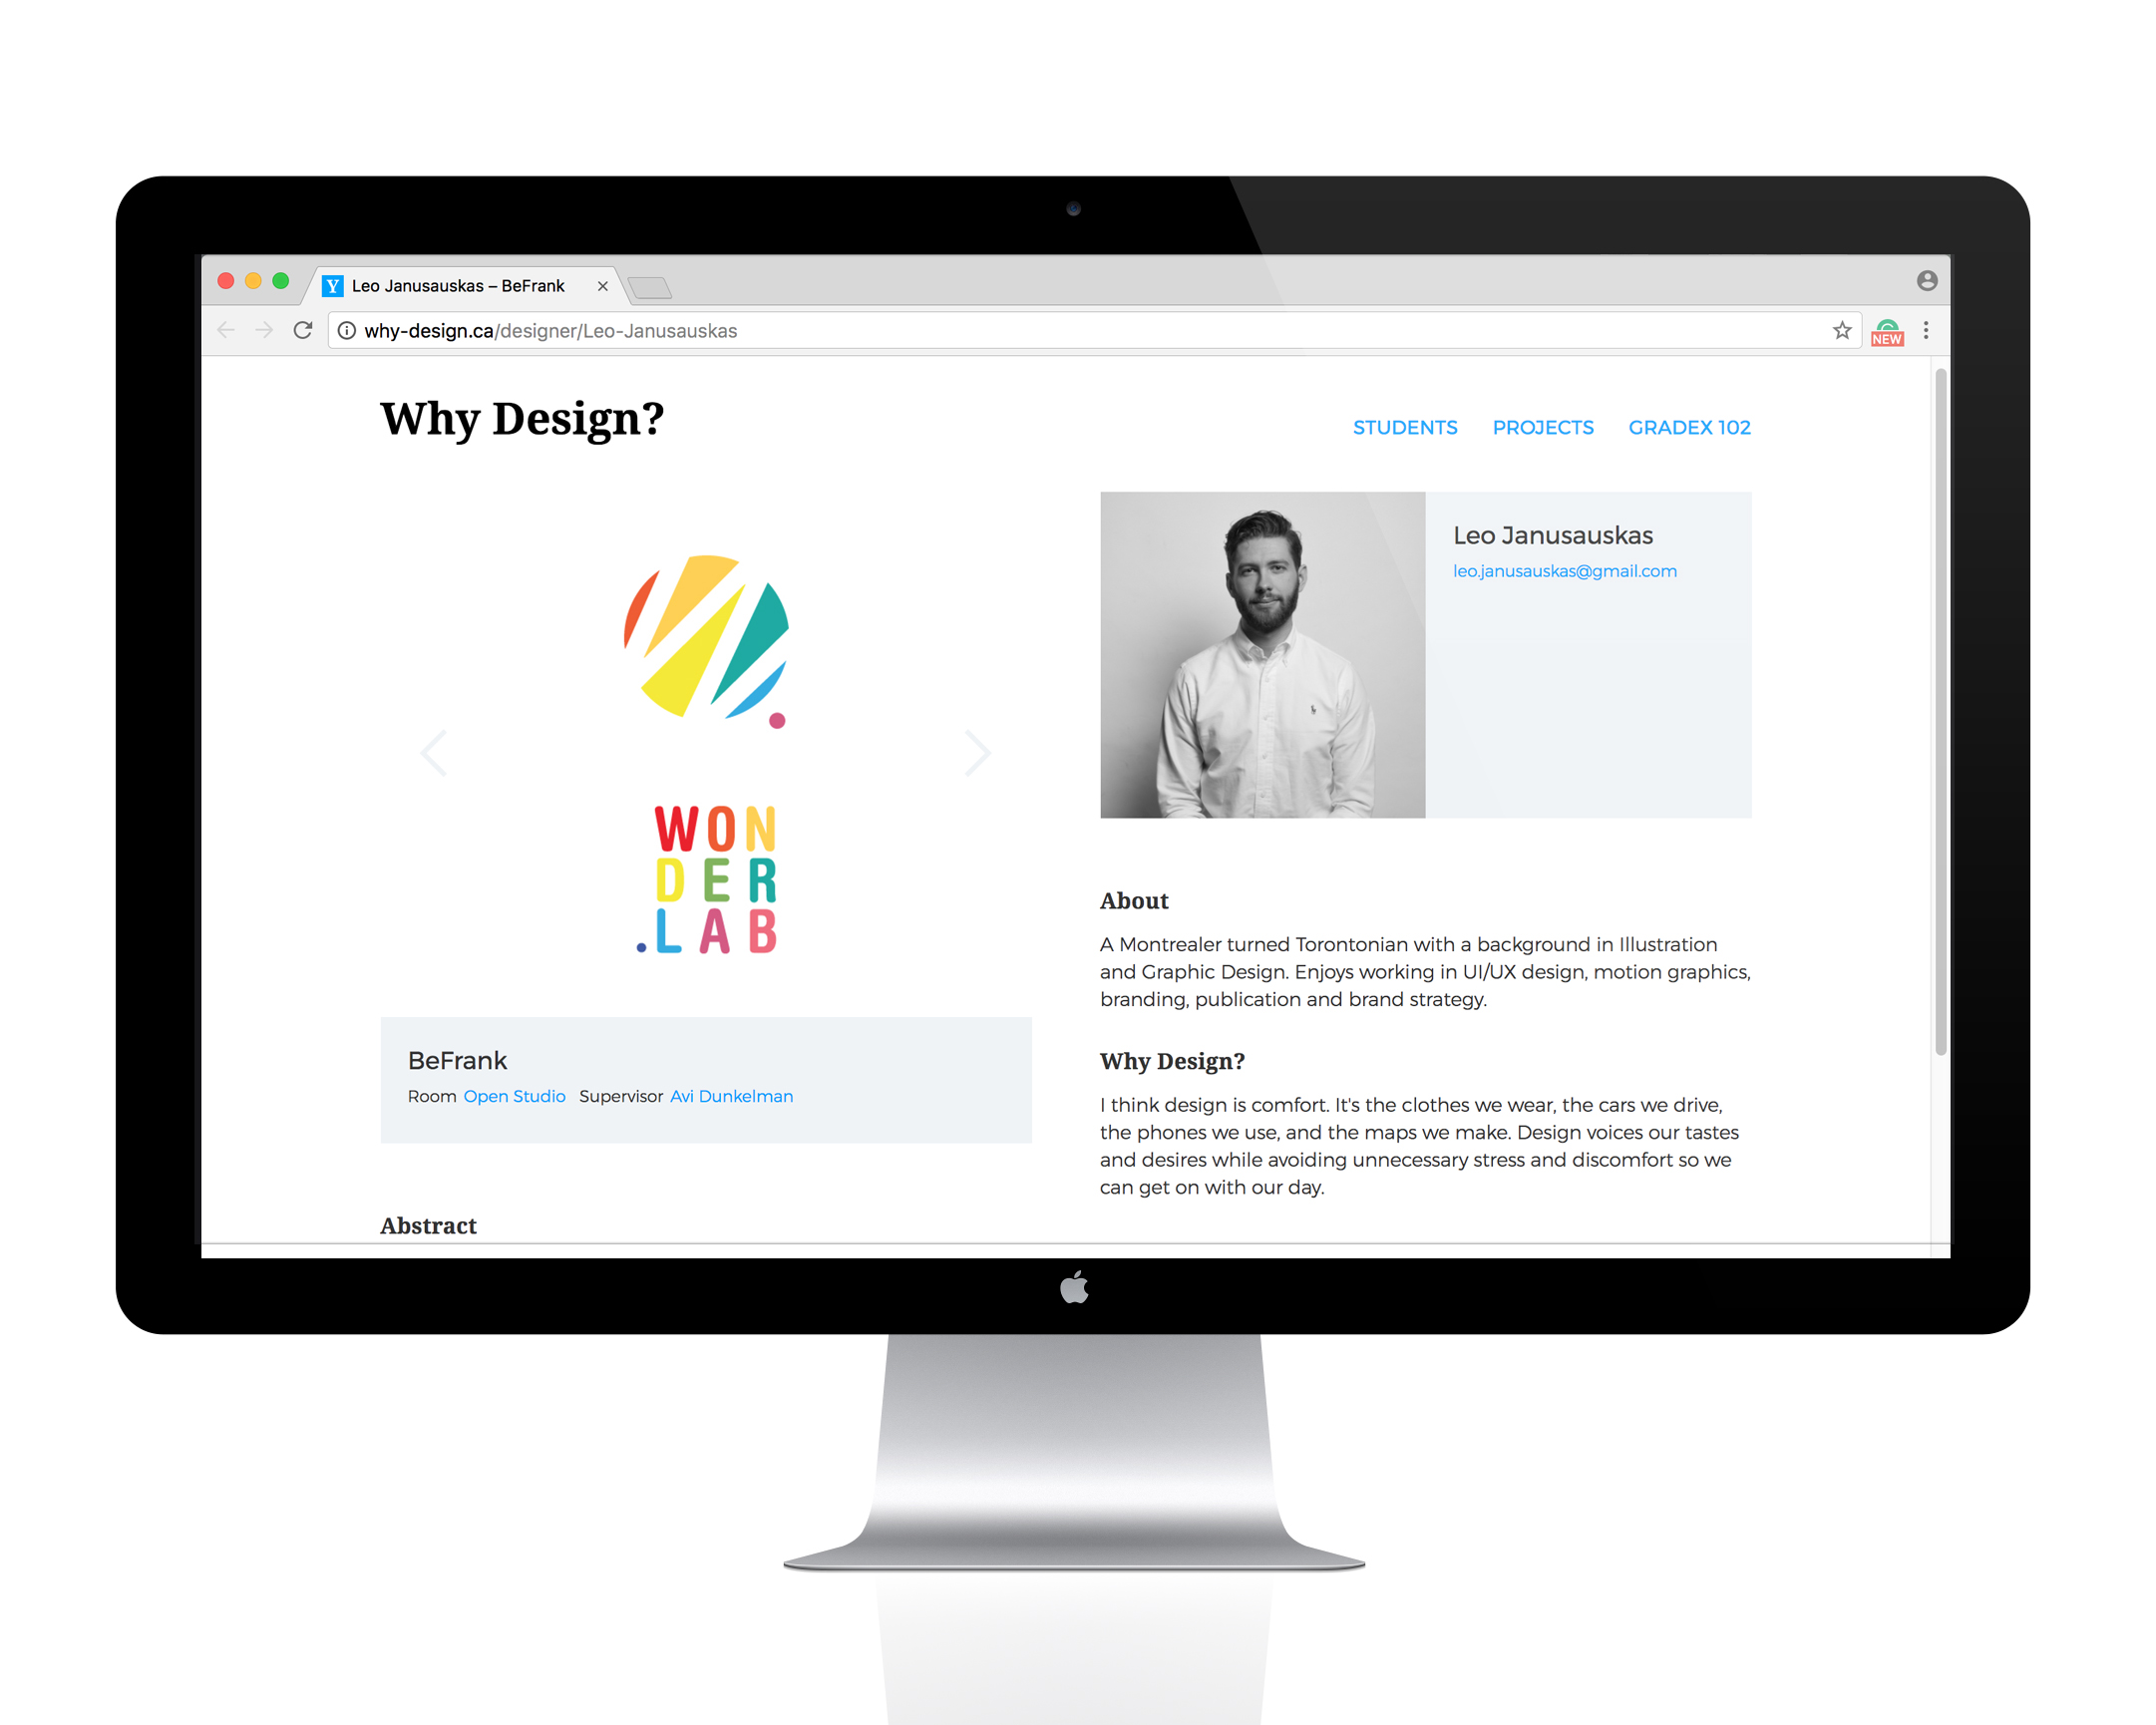 WhyDesign2.jpg